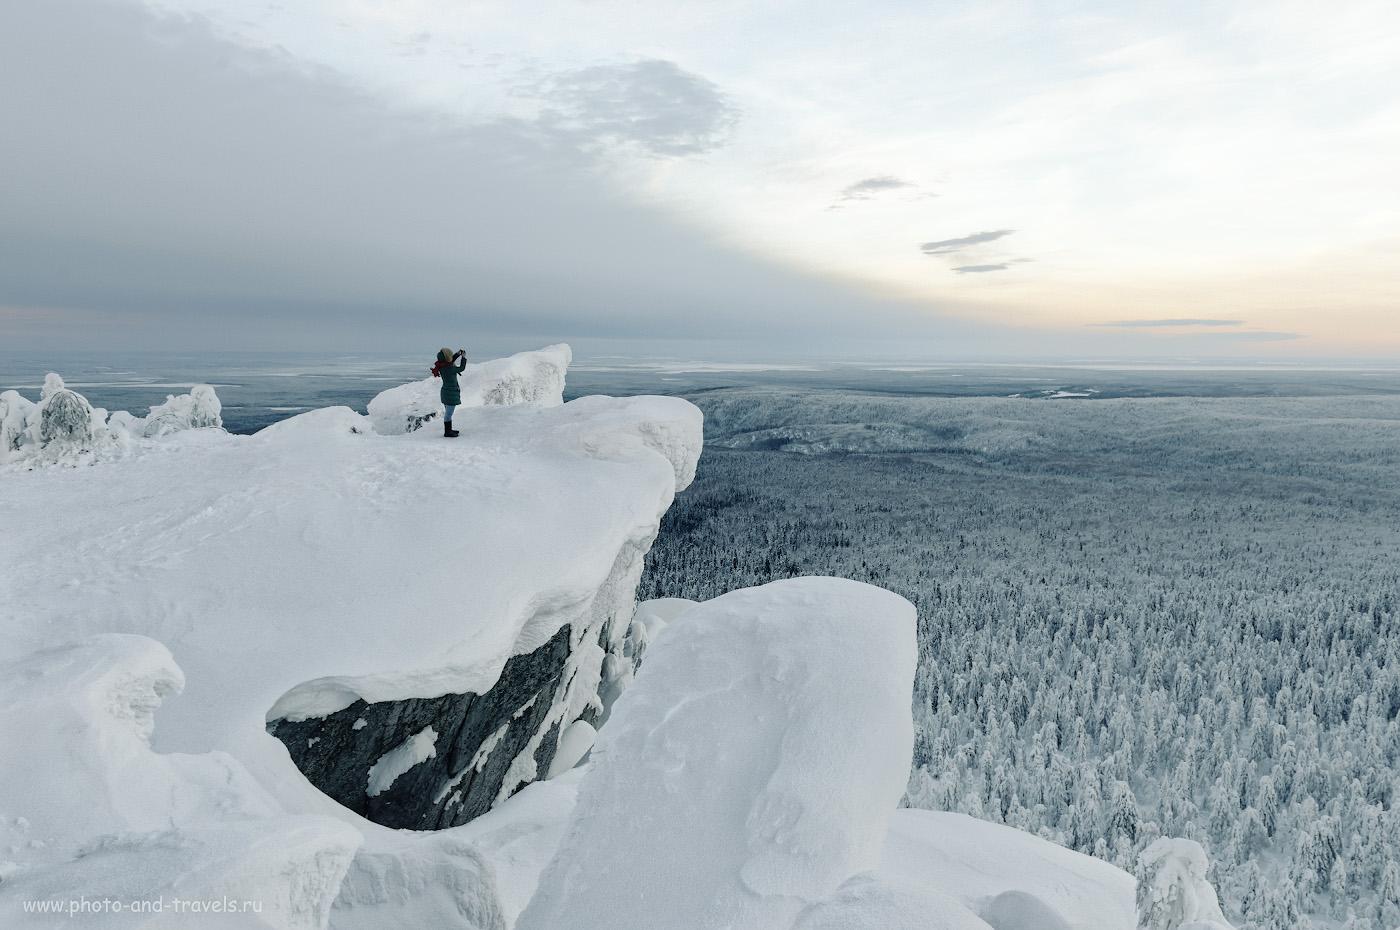 29. Утро на горе Полюд на севере Пермского края. Интересные места для автомобильного путешествия. 1/50, 8.0, 160, 24.